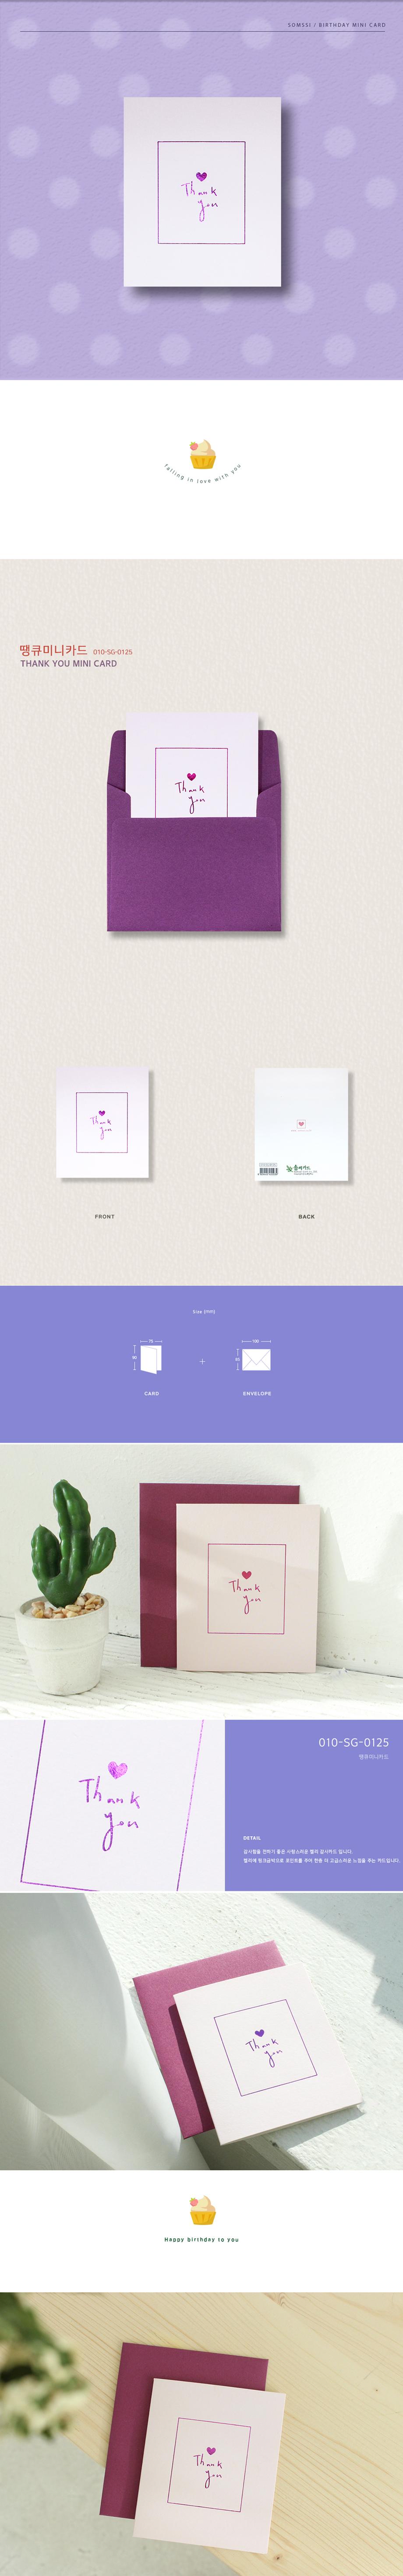 (010-SG-0125) 땡큐 미니 카드 - 솜씨카드, 1,000원, 카드, 축하 카드